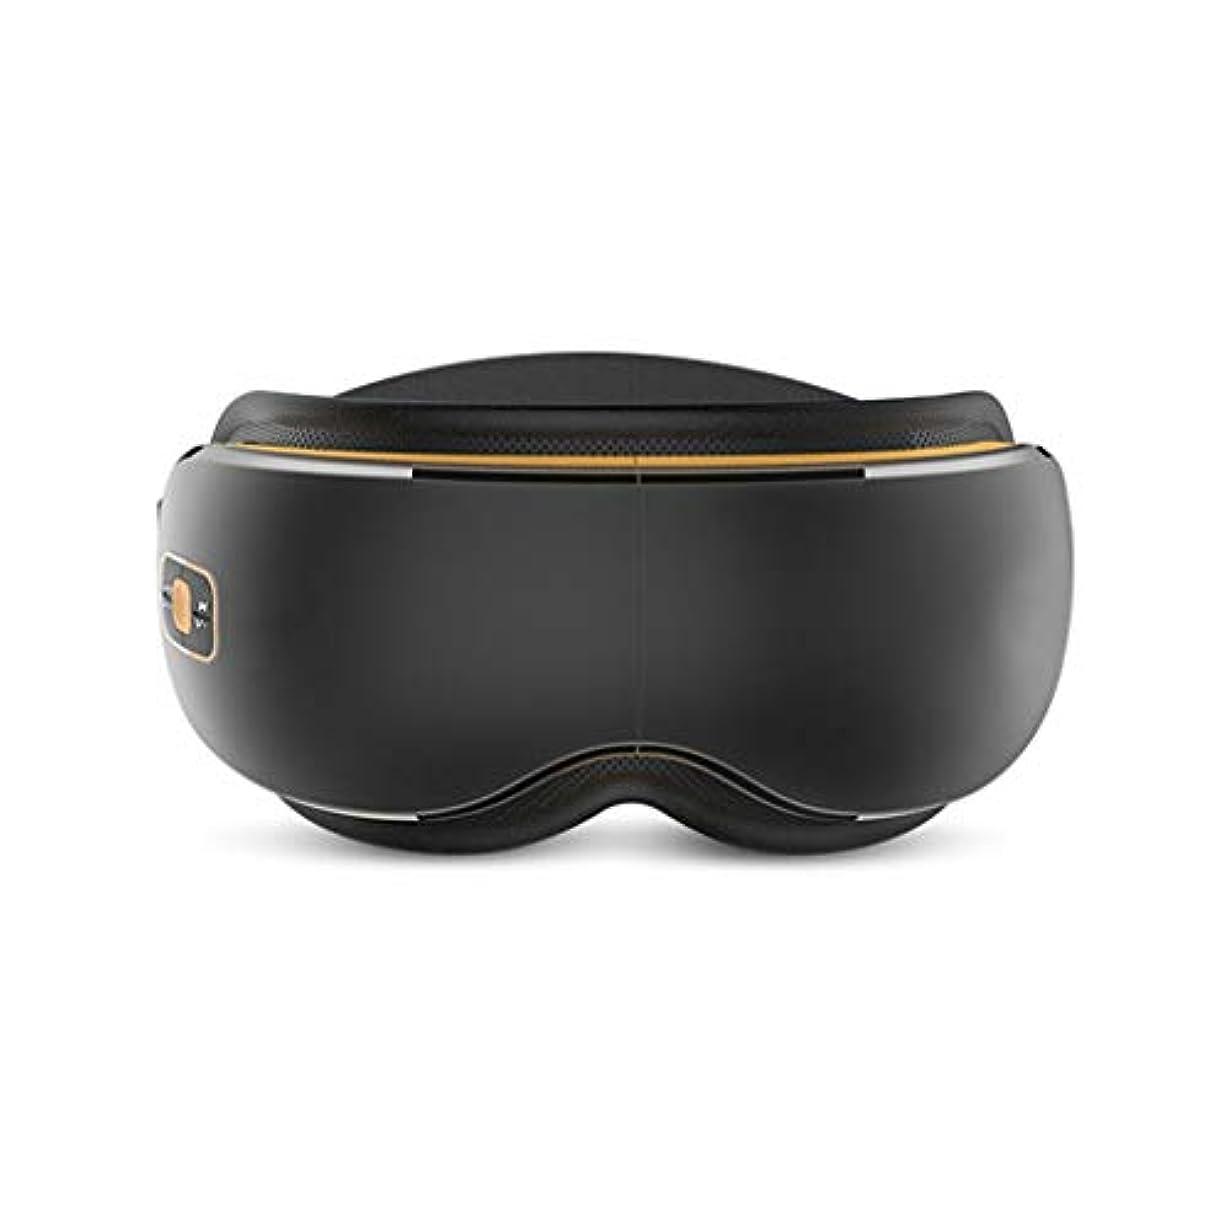 特殊ますます刻む電気アイマッサージャー振動マッサージ暖房/ラップ/音楽/空気圧縮4つのモードで目をリラックスさせて暗い円を減らし、睡眠を改善するためのヘッドプレッシャーを緩和